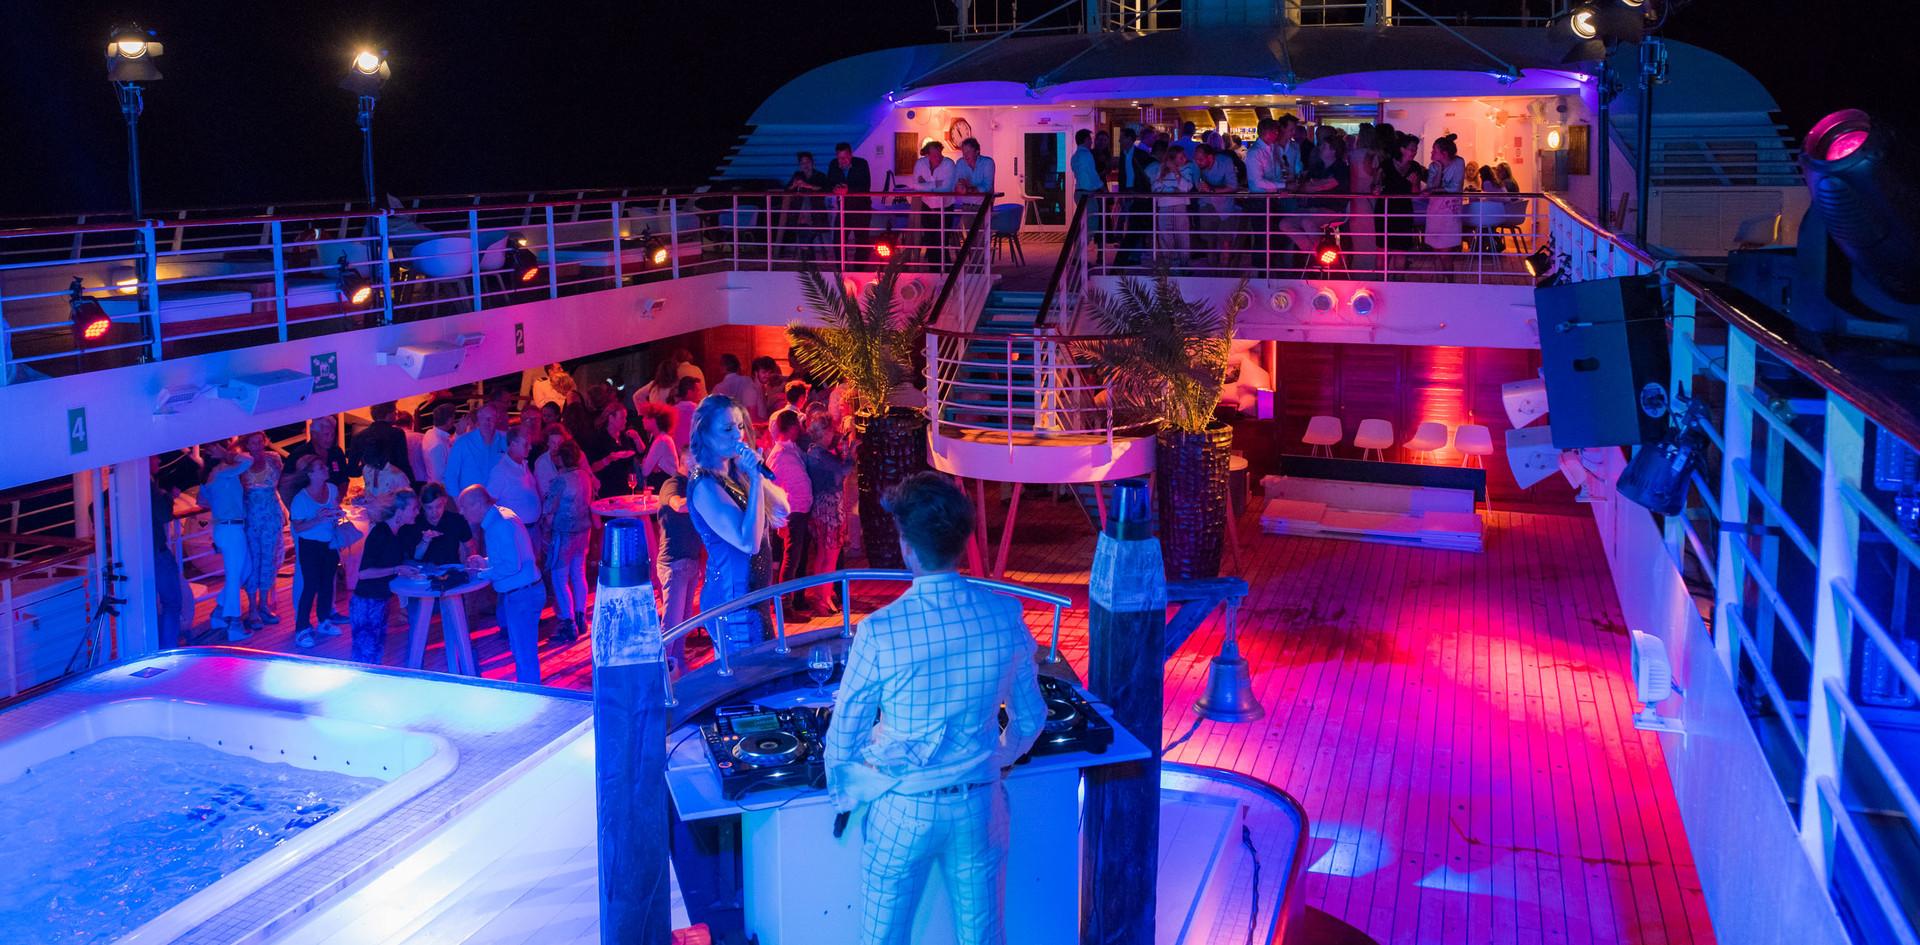 feest-organiseren-cruise-muziek.jpg